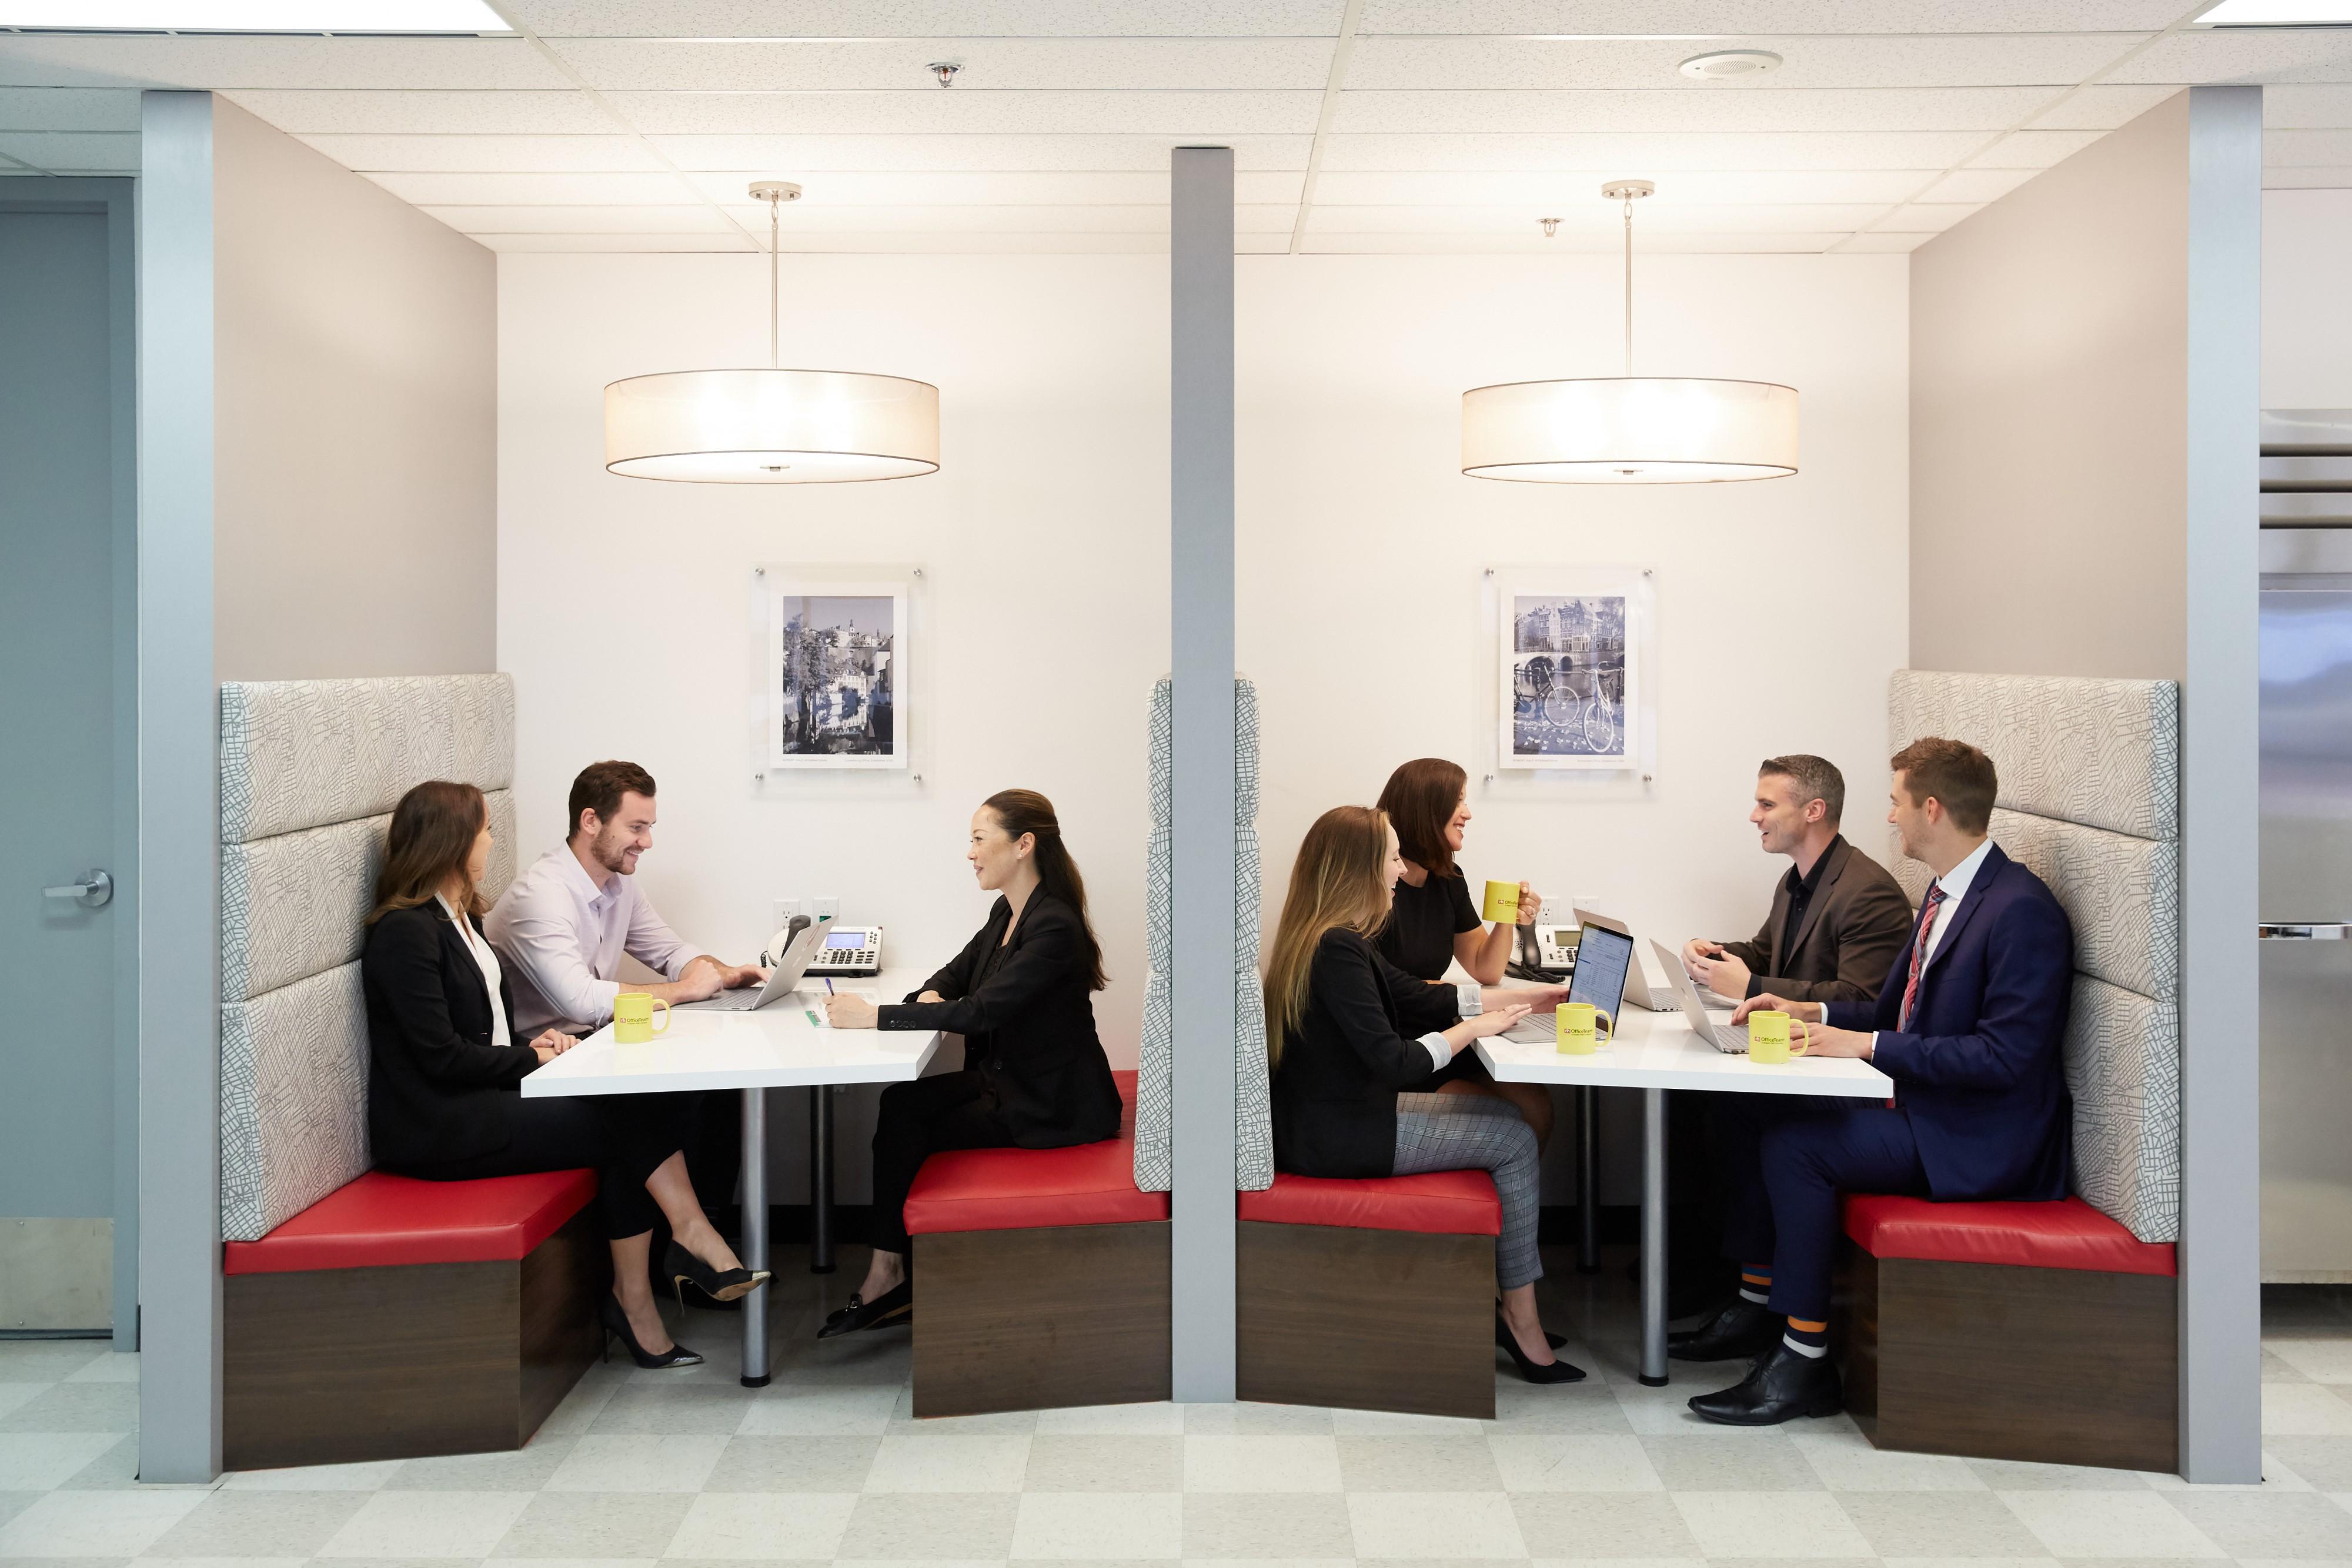 Robert Half® Recruiters & Employment Agency in Vancouver: Lunchroom area.